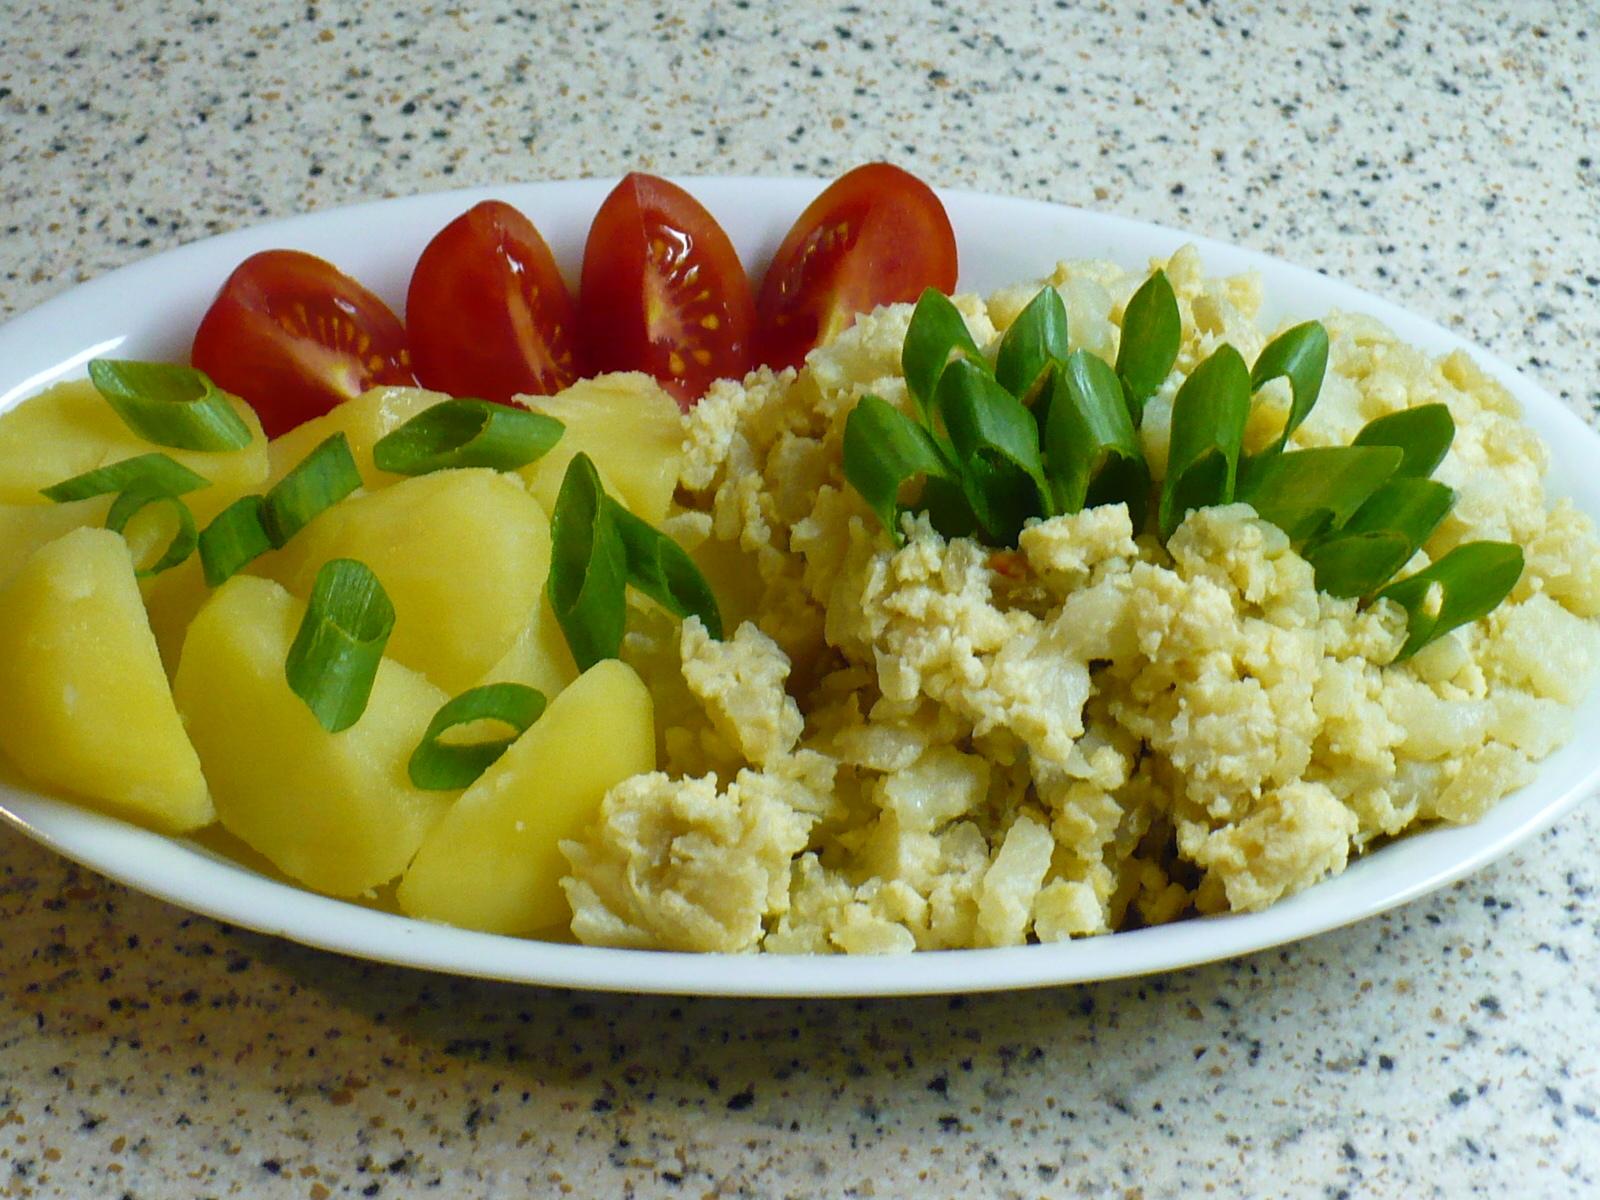 Recept Květákový mozeček s brambory 1 - Jednoduché a chutné